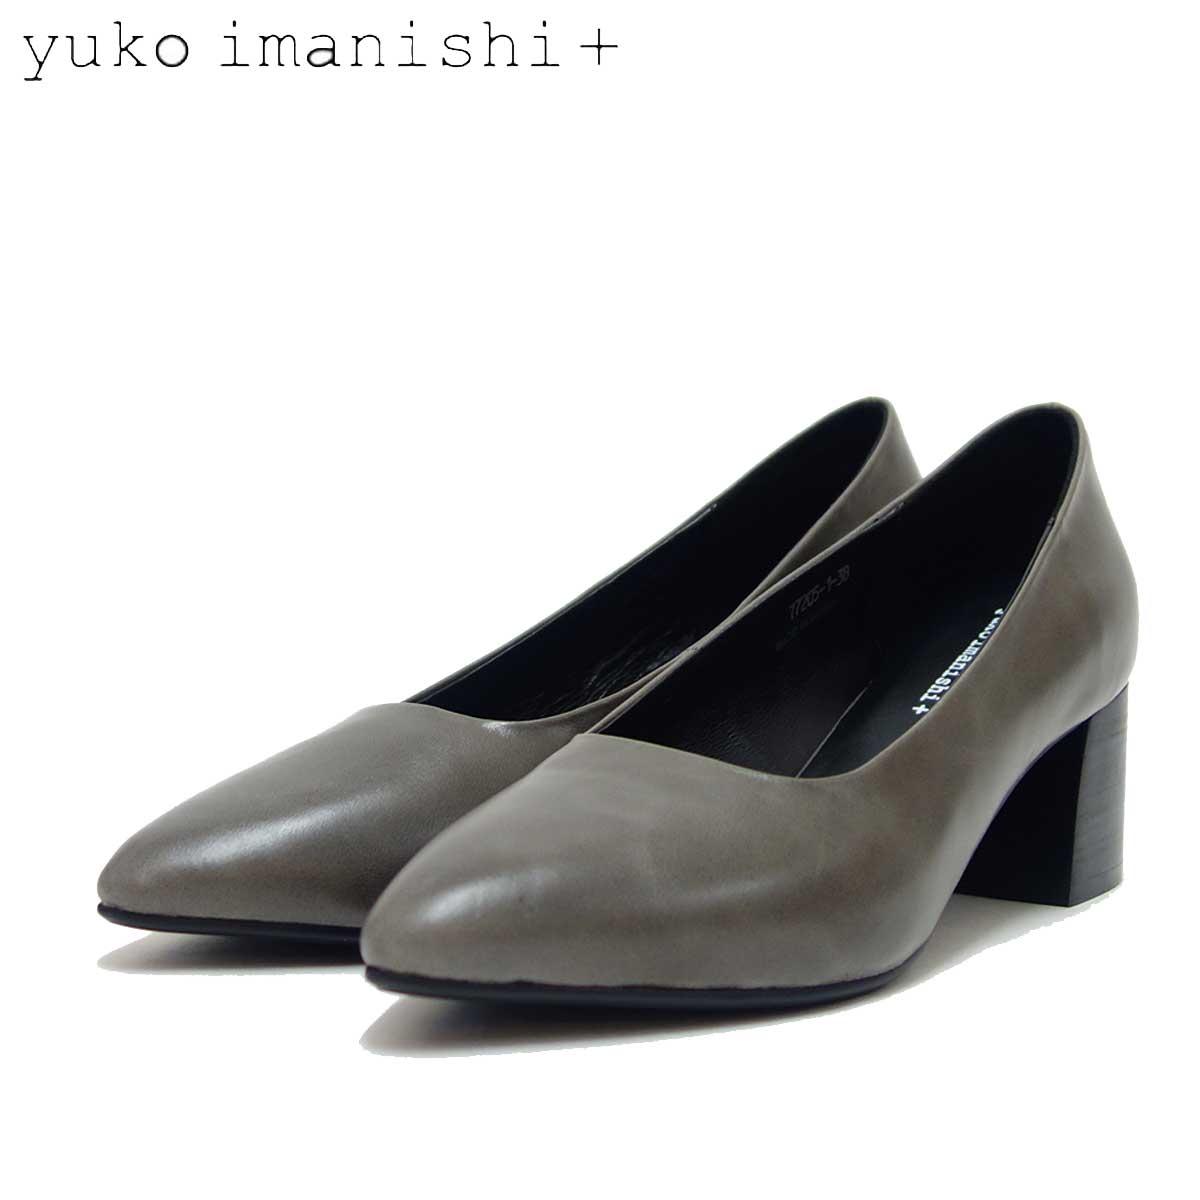 ユーコ イマニシ yuko imanishi +  77205-1 グレー パンプス 5cmヒール 「靴」